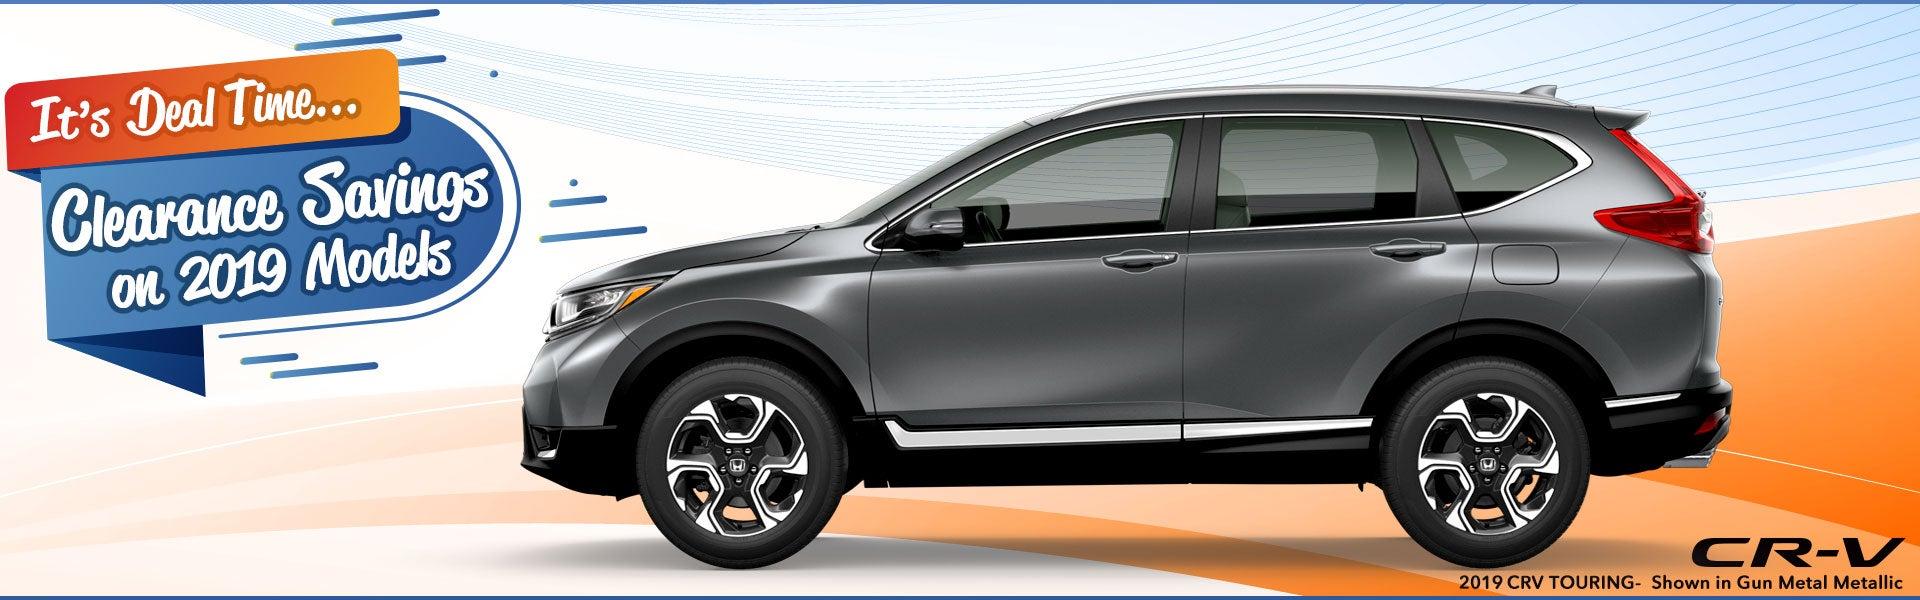 Honda Dealers In Delaware >> Scott Honda Honda Dealer West Chester Pa 1 502 Google